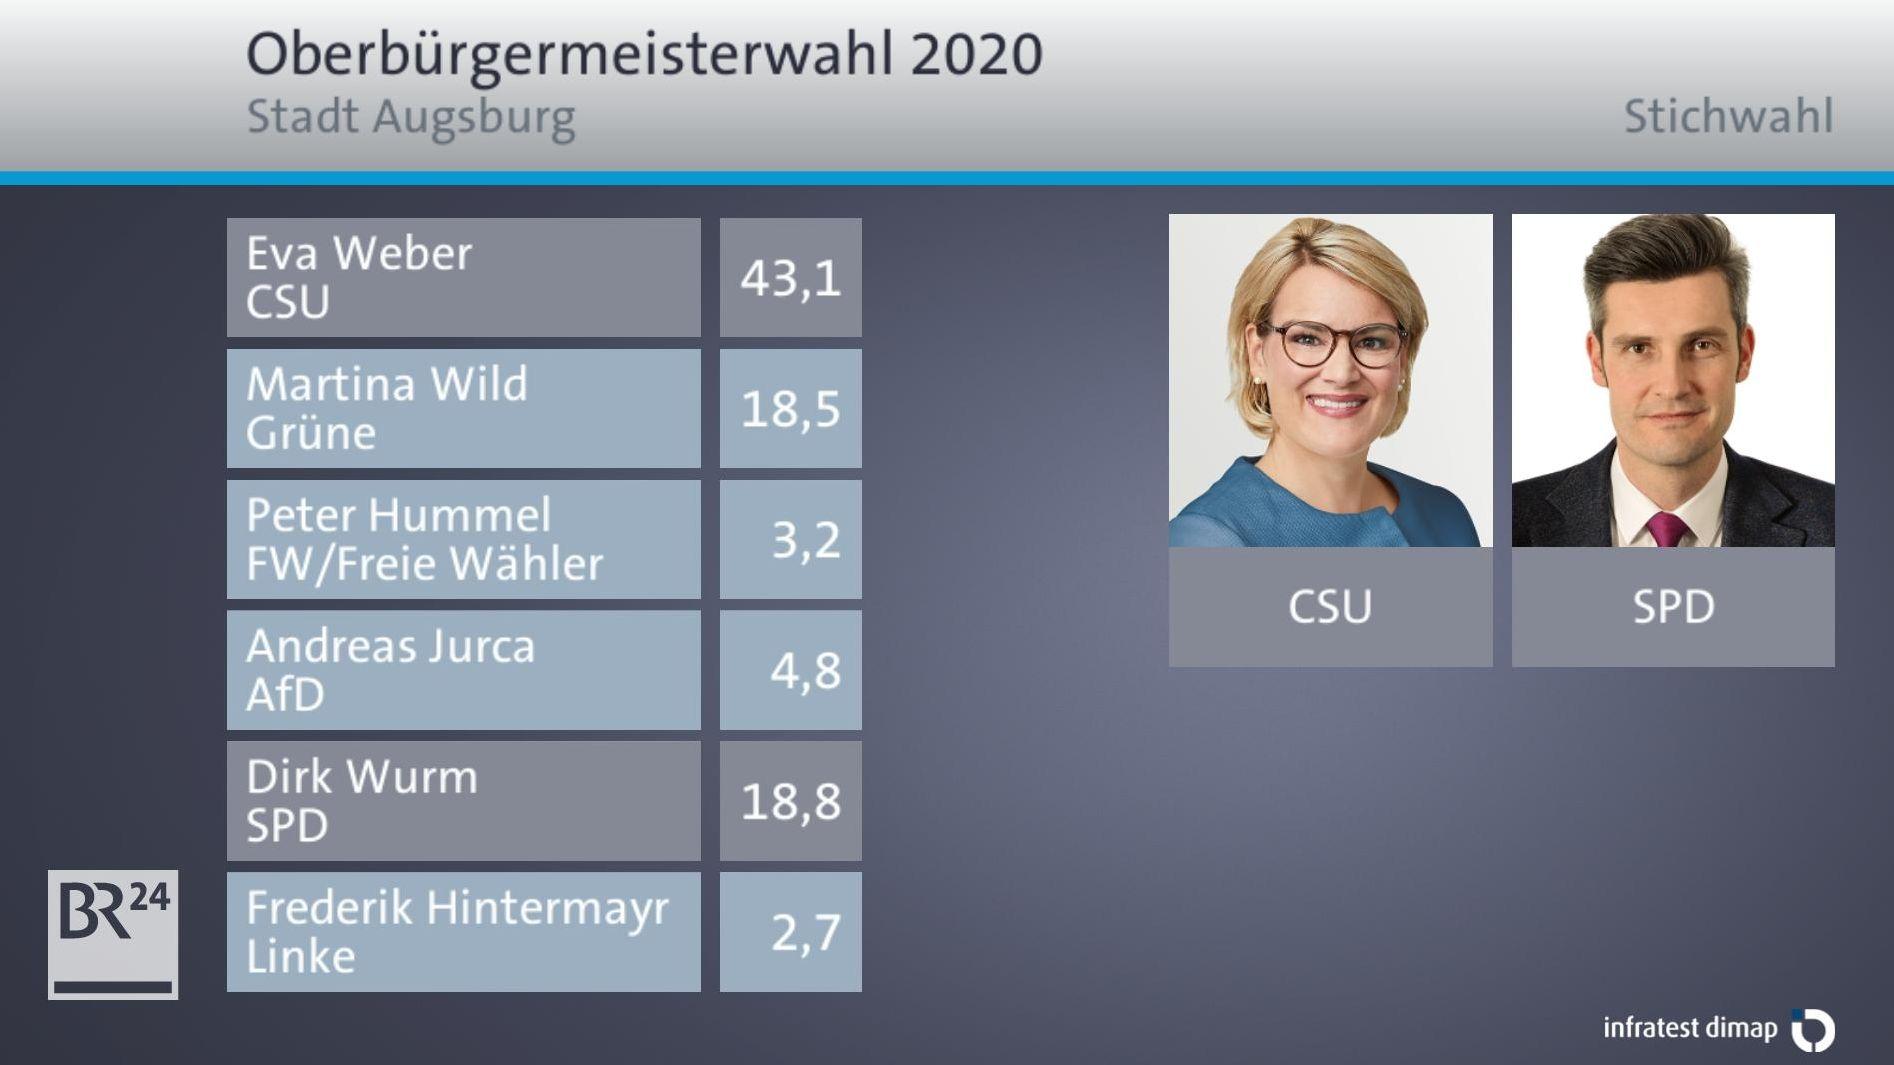 Bei der OB-Wahl in Augsburg kommt es zu einer Stichwahl zwischen den Kandidaten von CSU und SPD